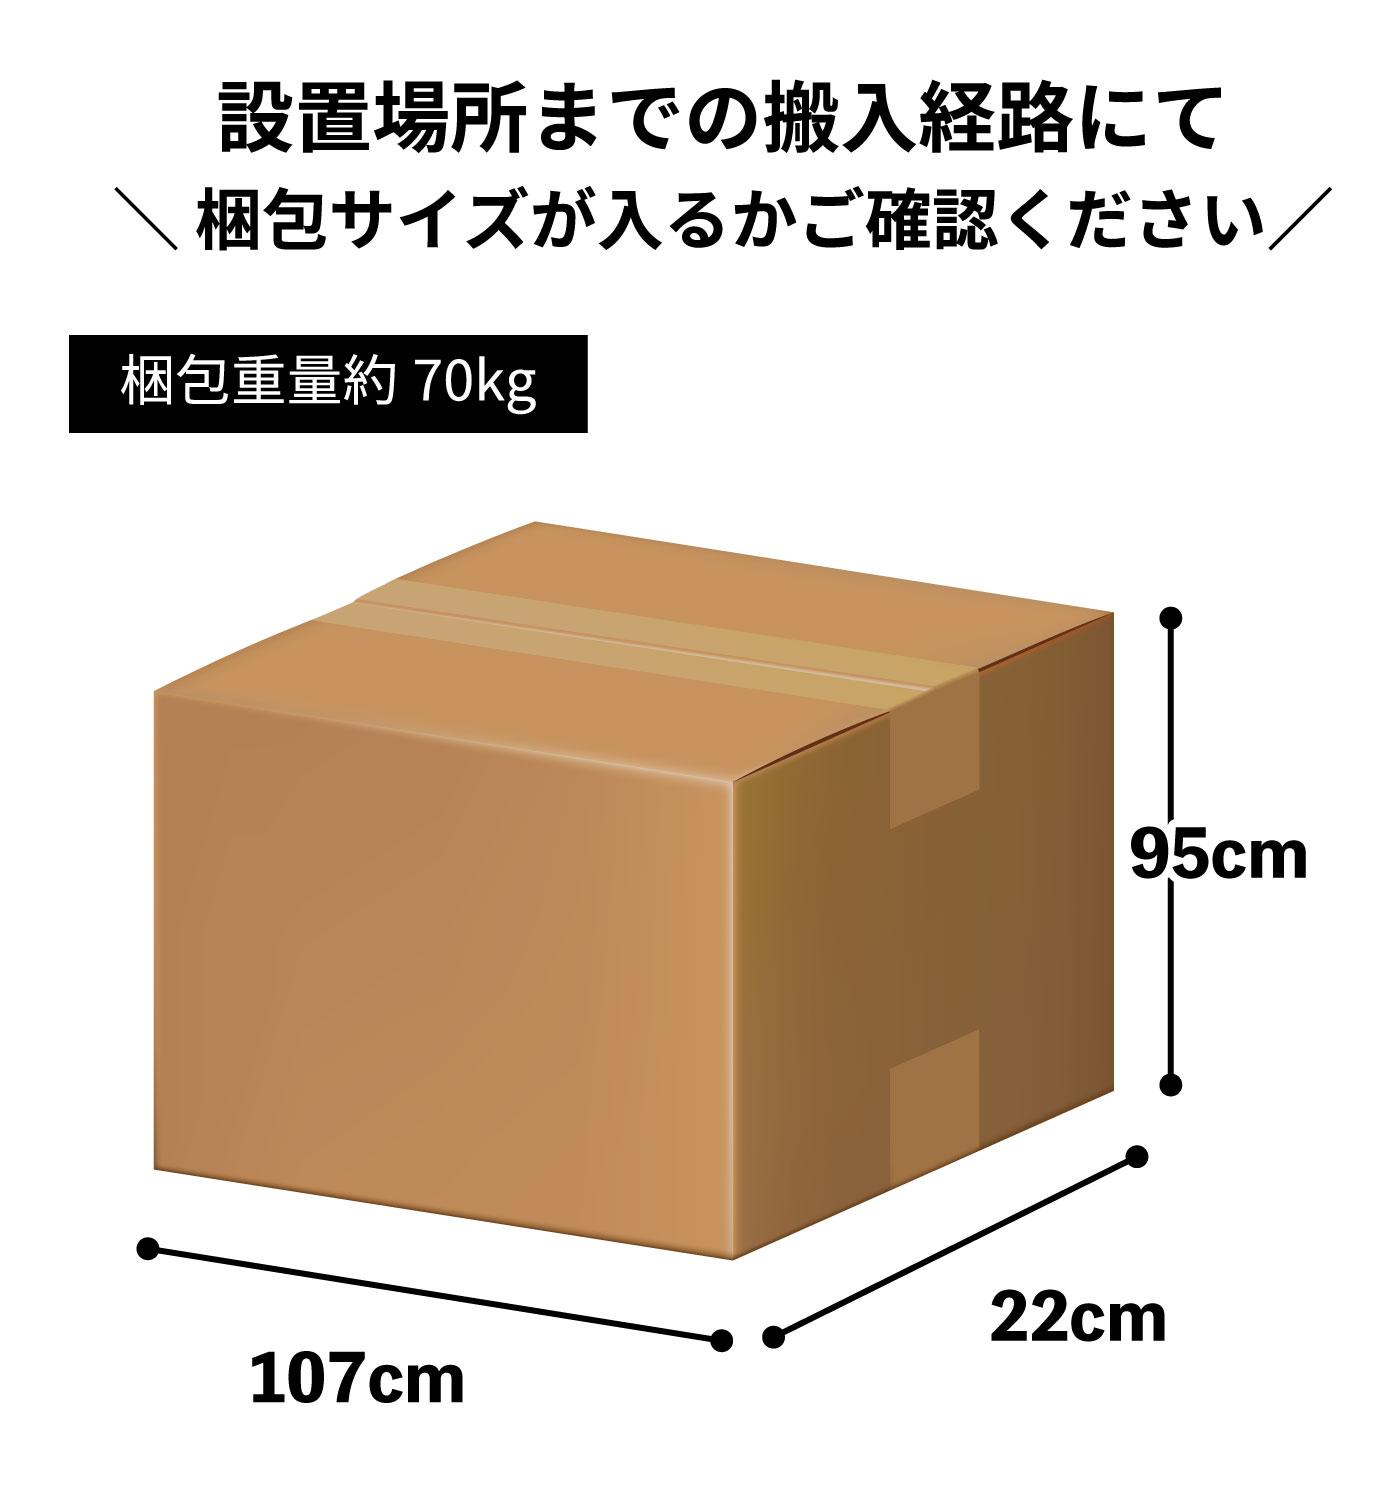 SB702-3260の梱包サイズ